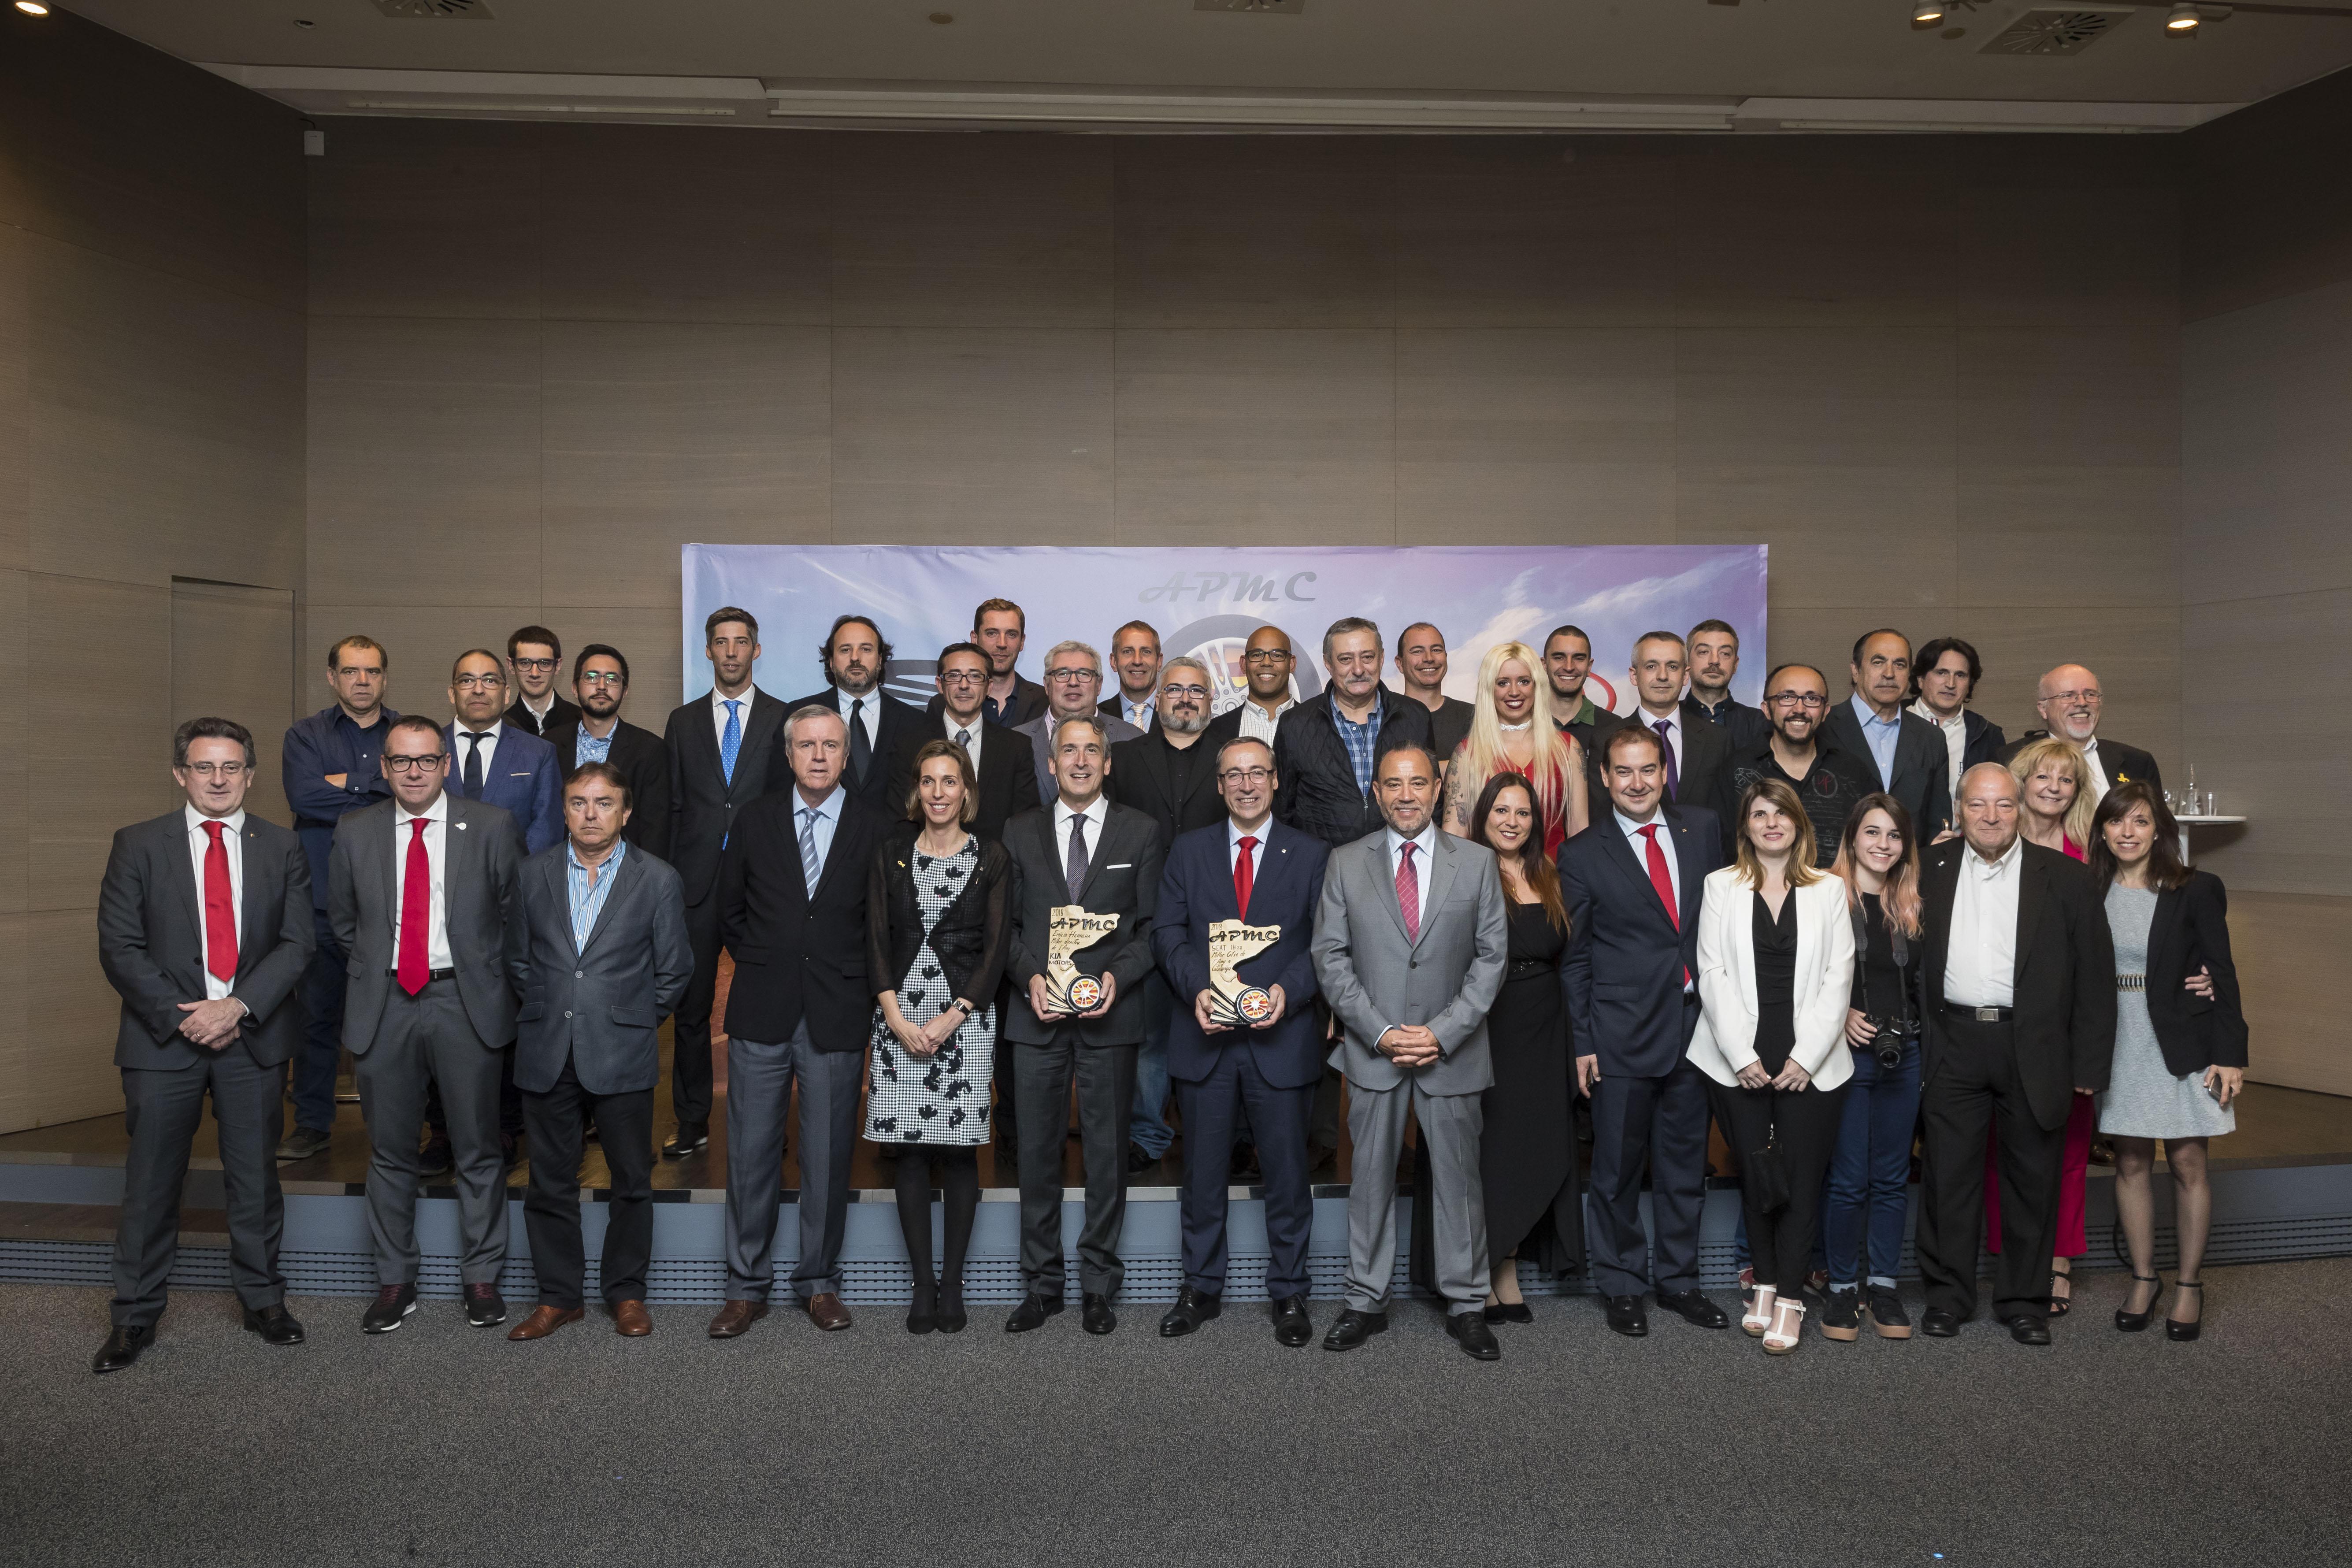 Premios APMC 5a Edicion_AK2I8636